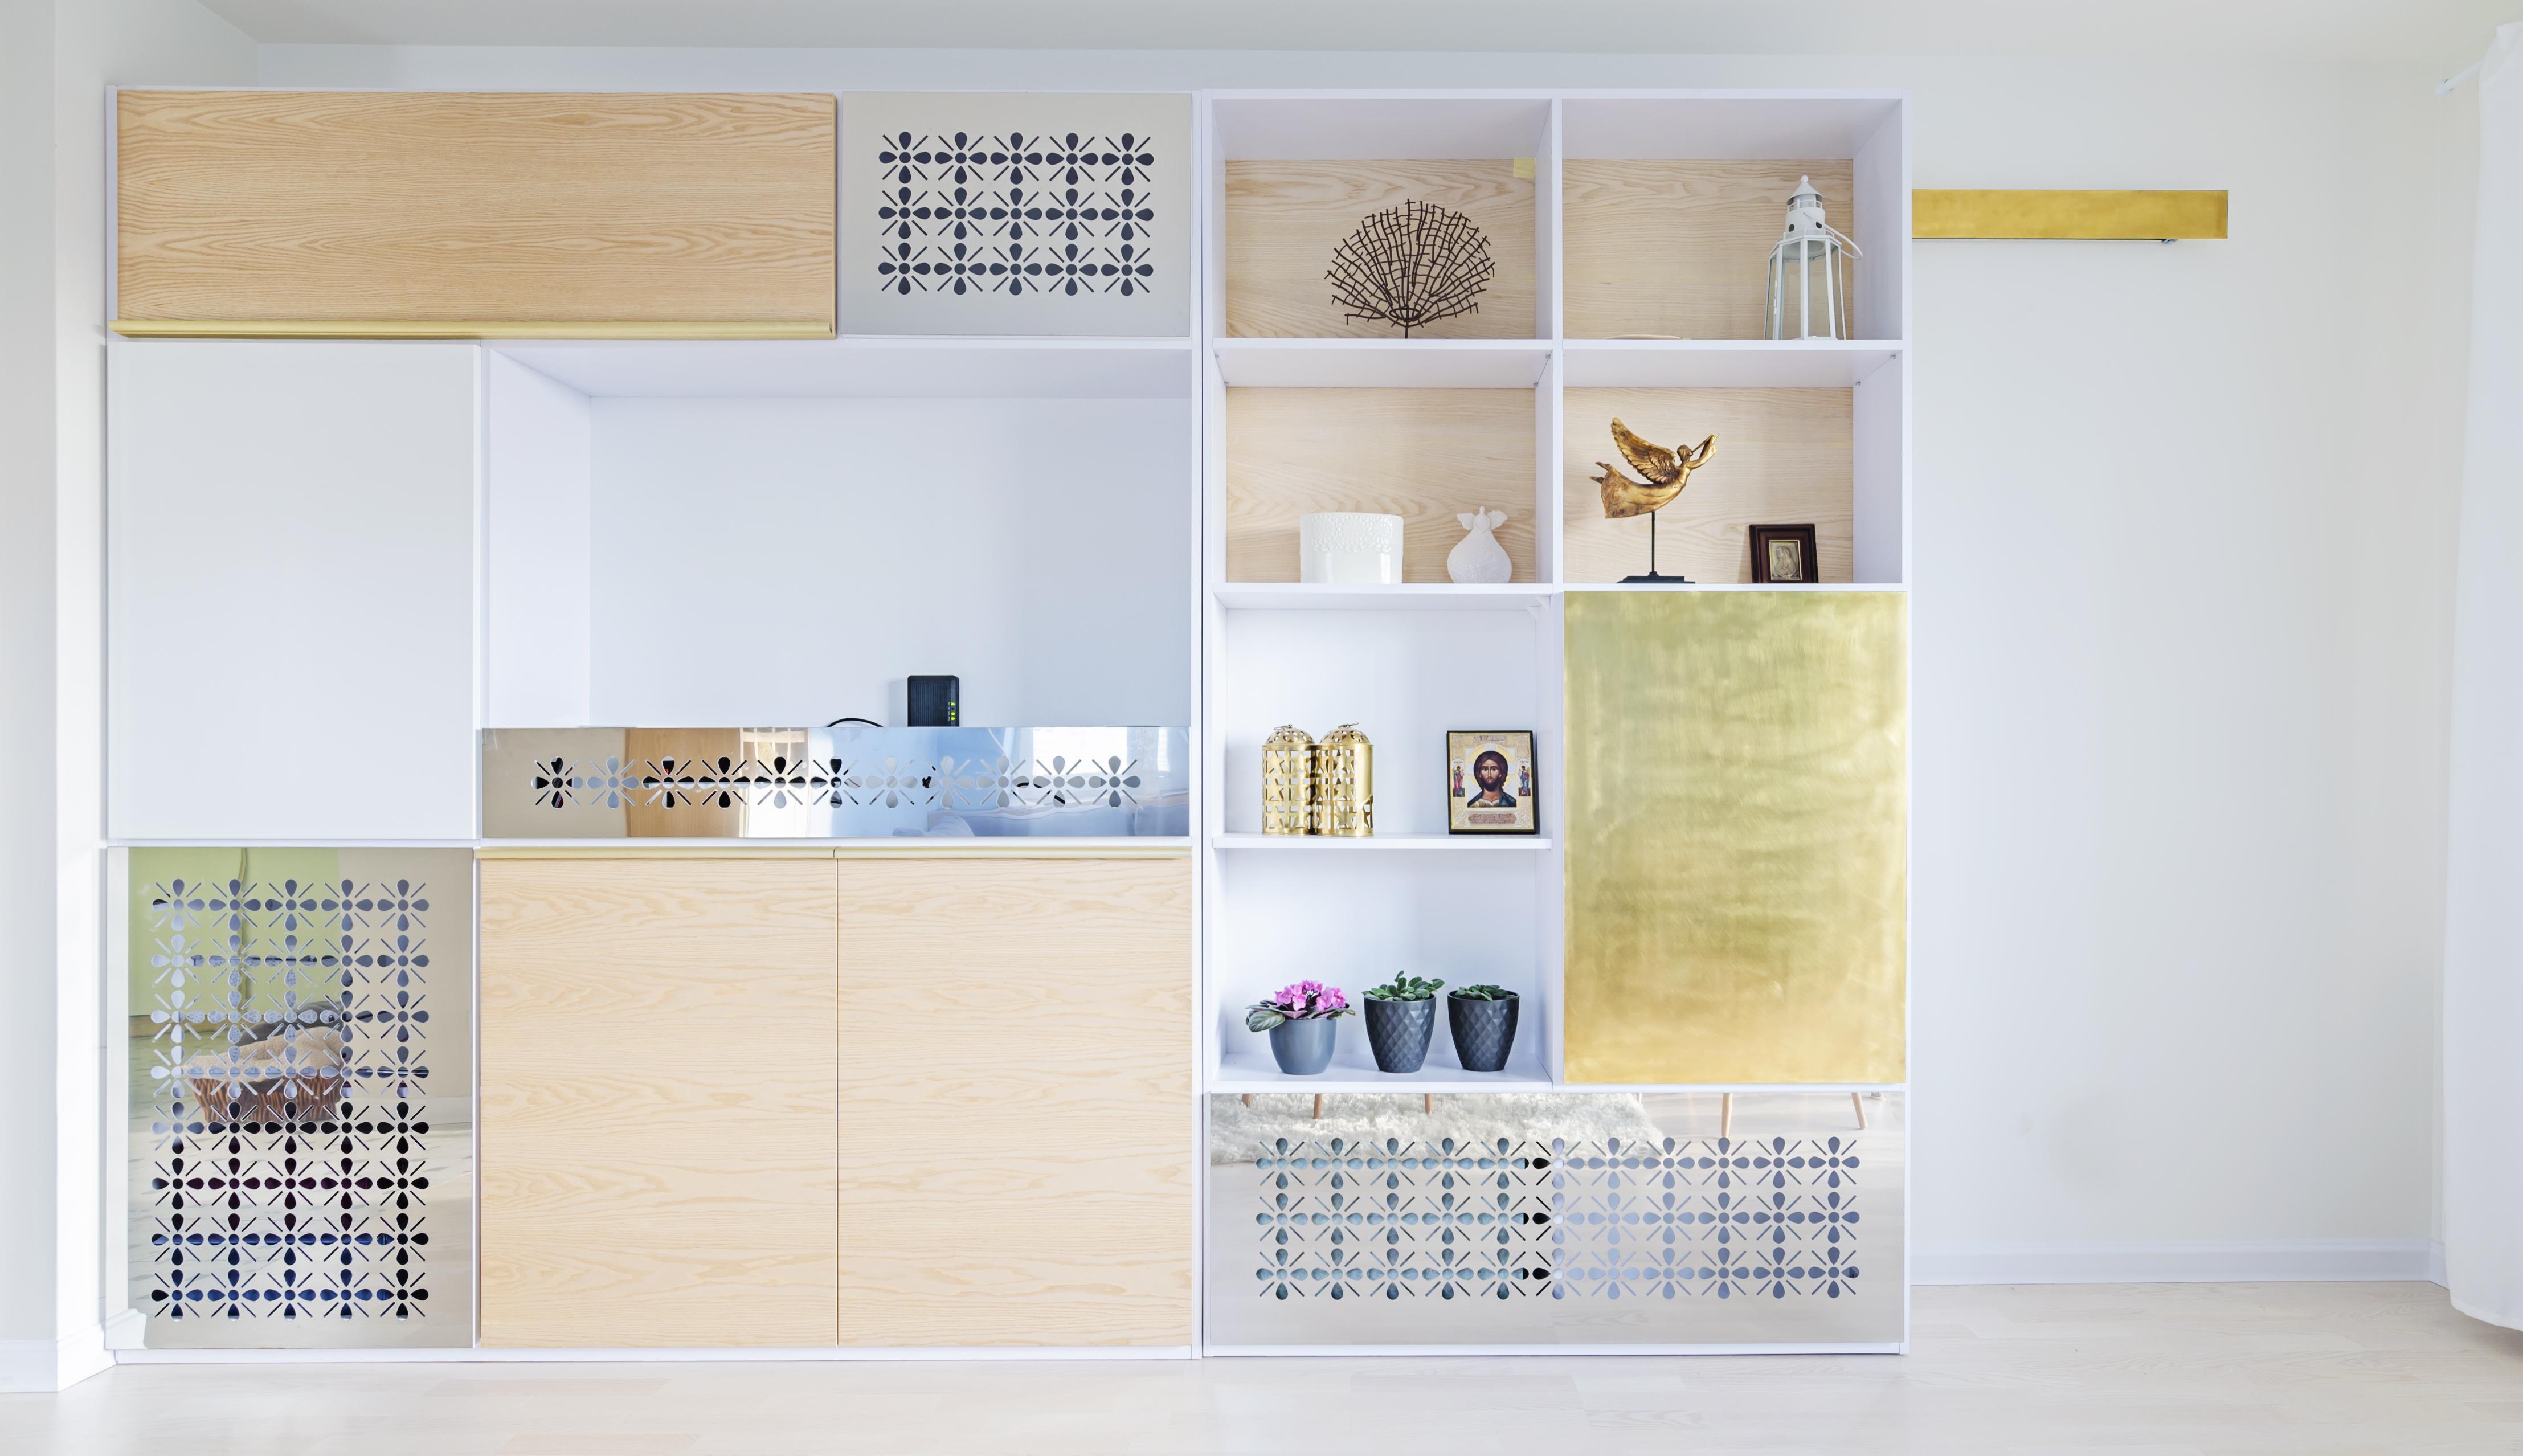 miedź, złoto i srebro, portfolio, laurowa, mieszkanie, projektowanie wnętrz, łazienka